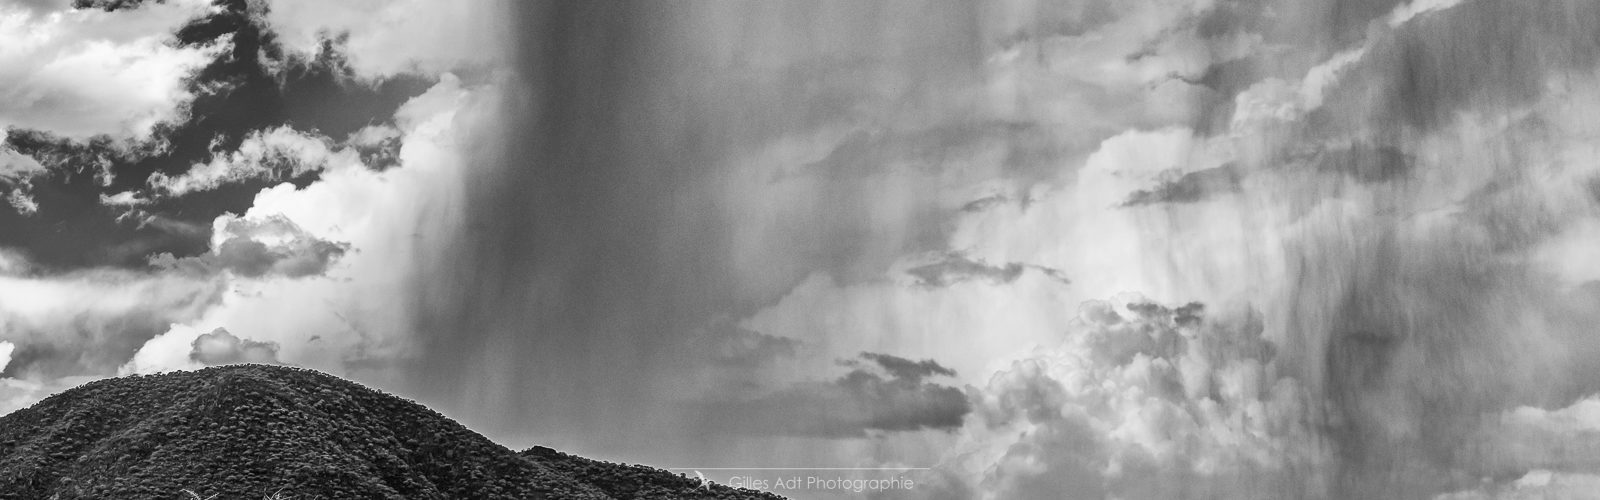 Trombes d'eau aux Epupa falls